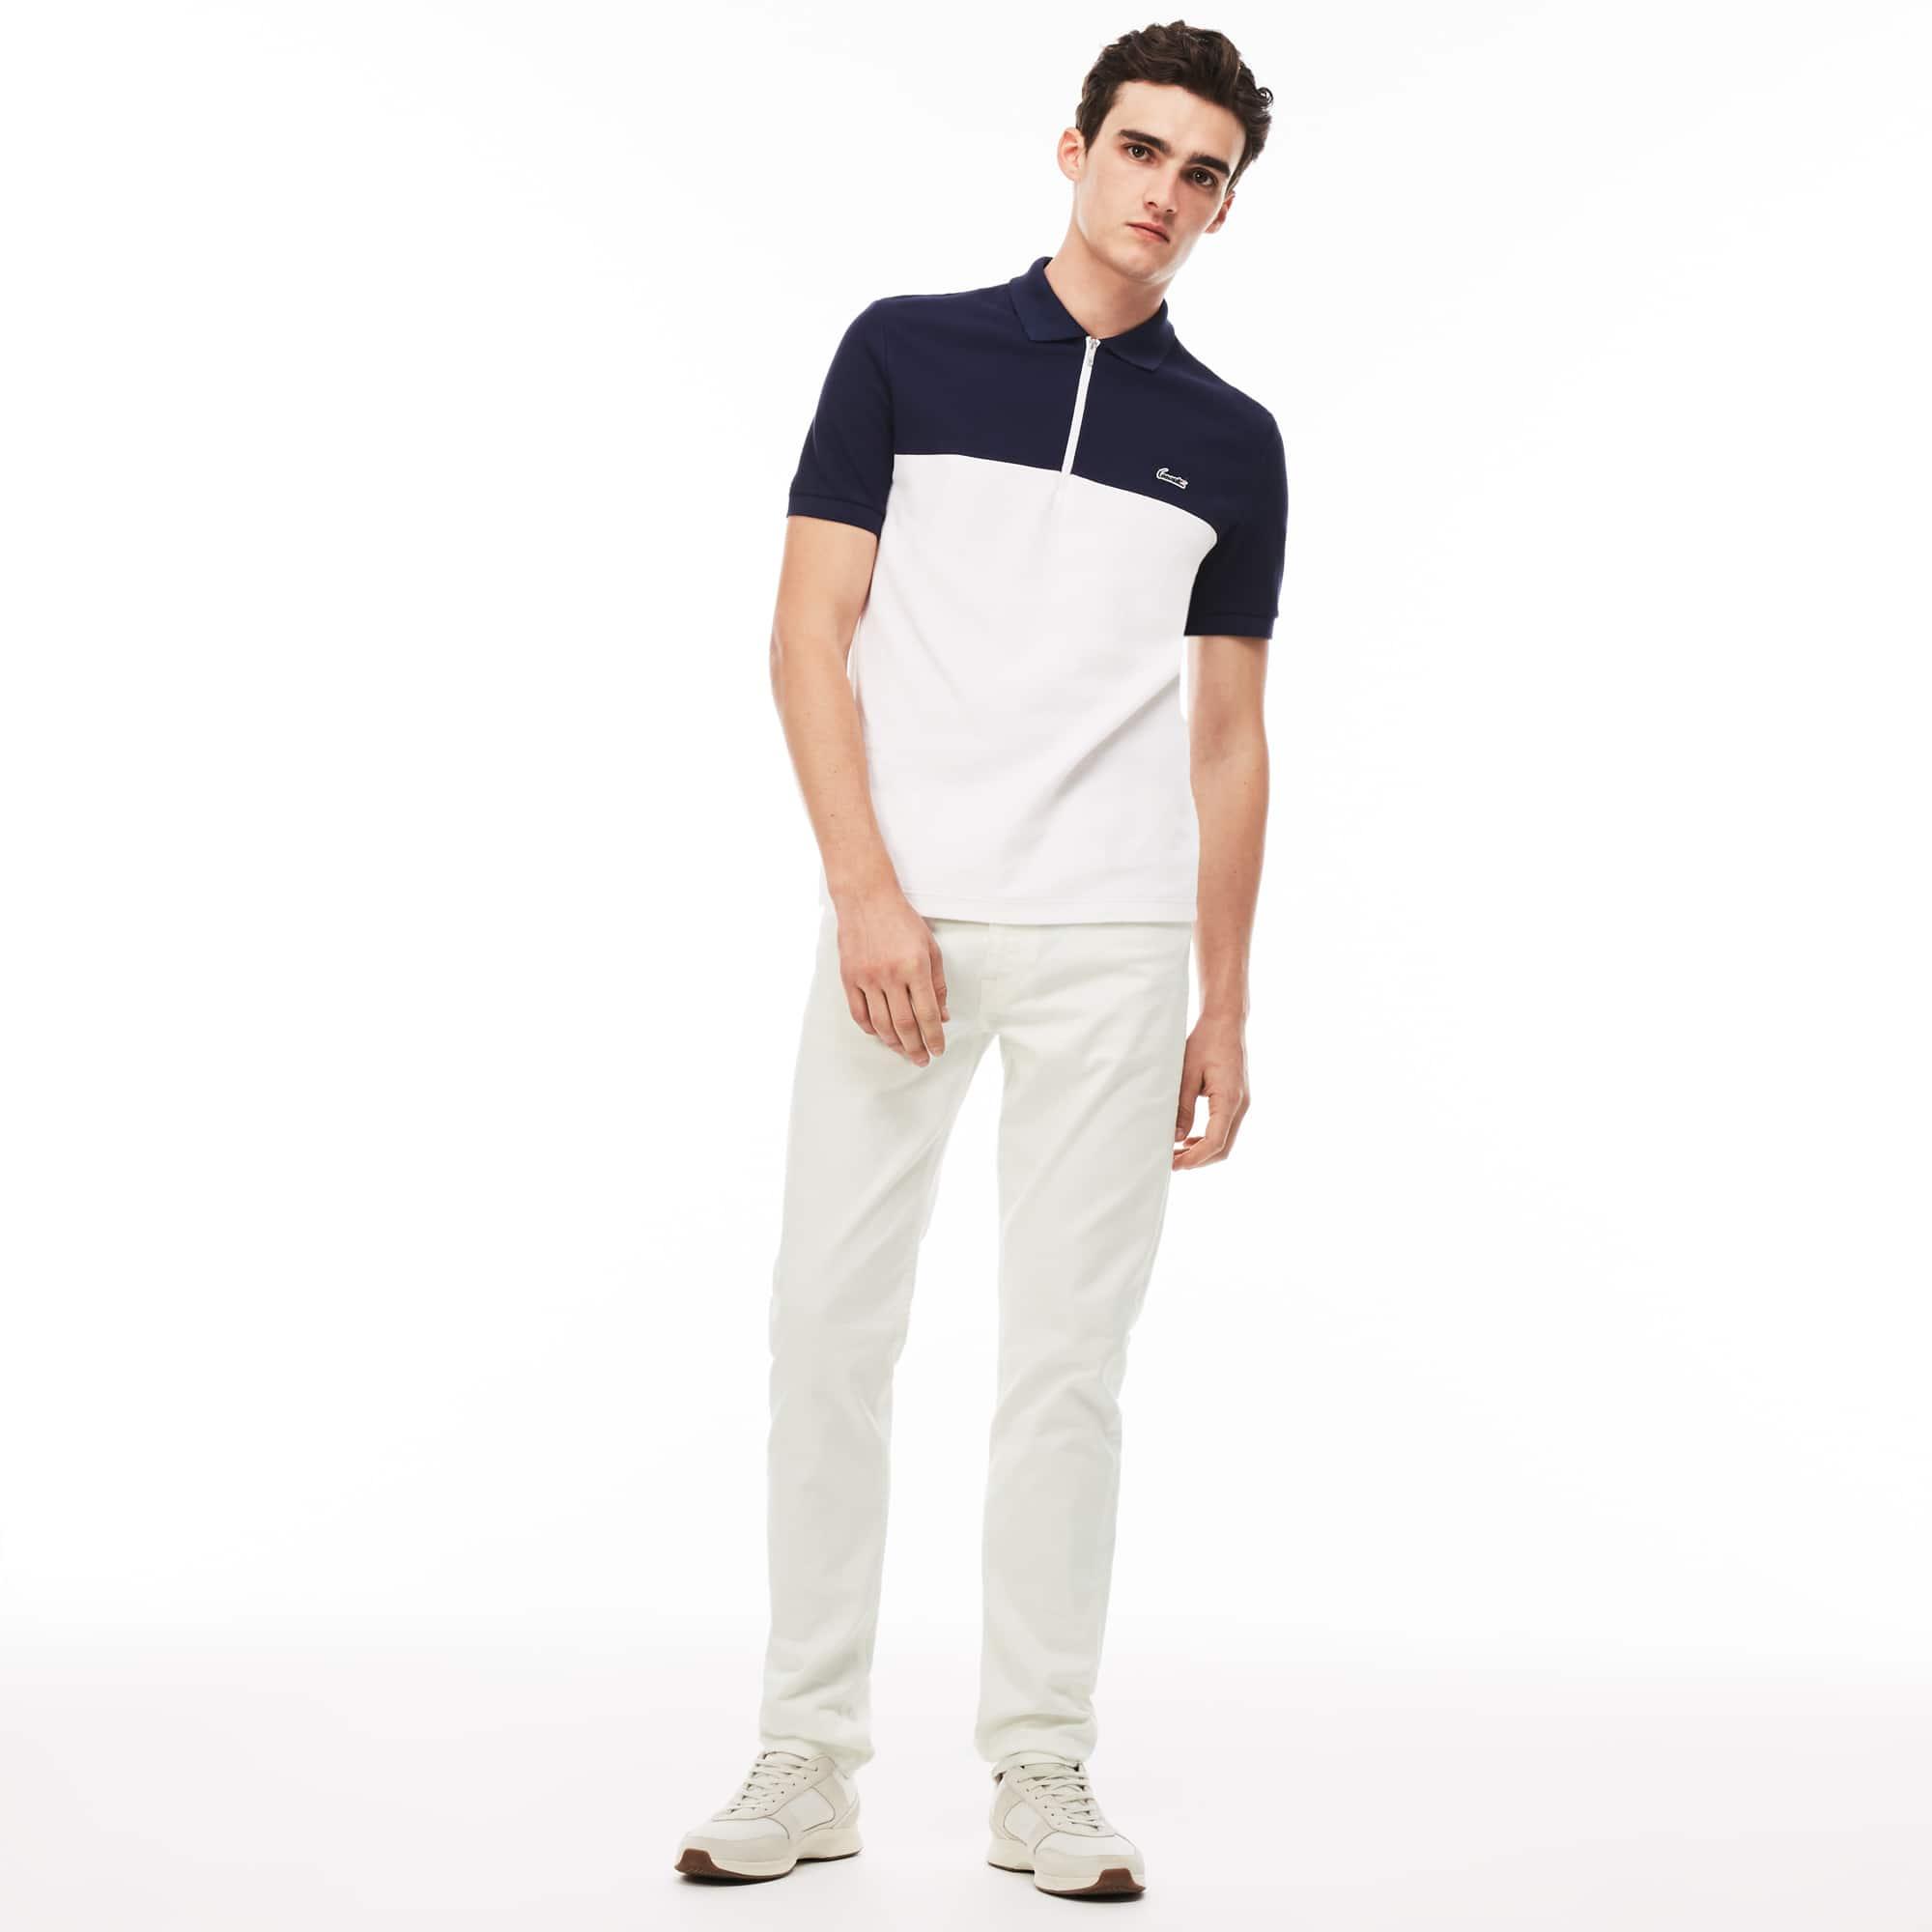 Calças 5 bolsos slim fit em twill de algodão stretch unicolor